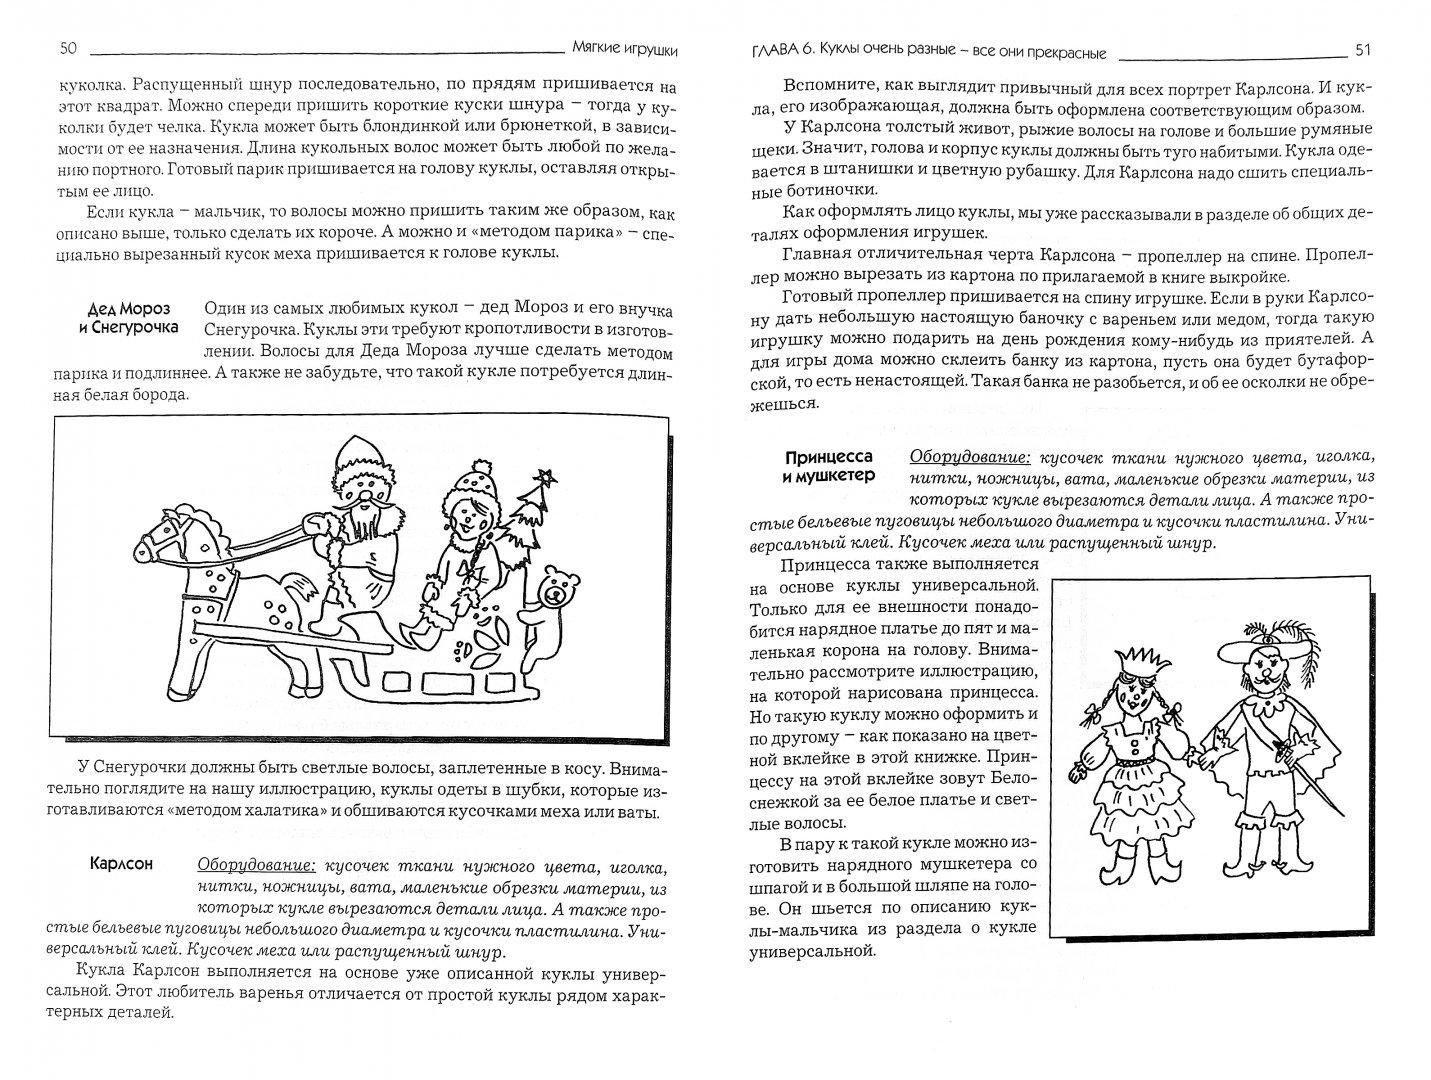 Иллюстрация 1 из 56 для Мягкие игрушки на любой вкус - Агапова, Давыдова | Лабиринт - книги. Источник: Лабиринт